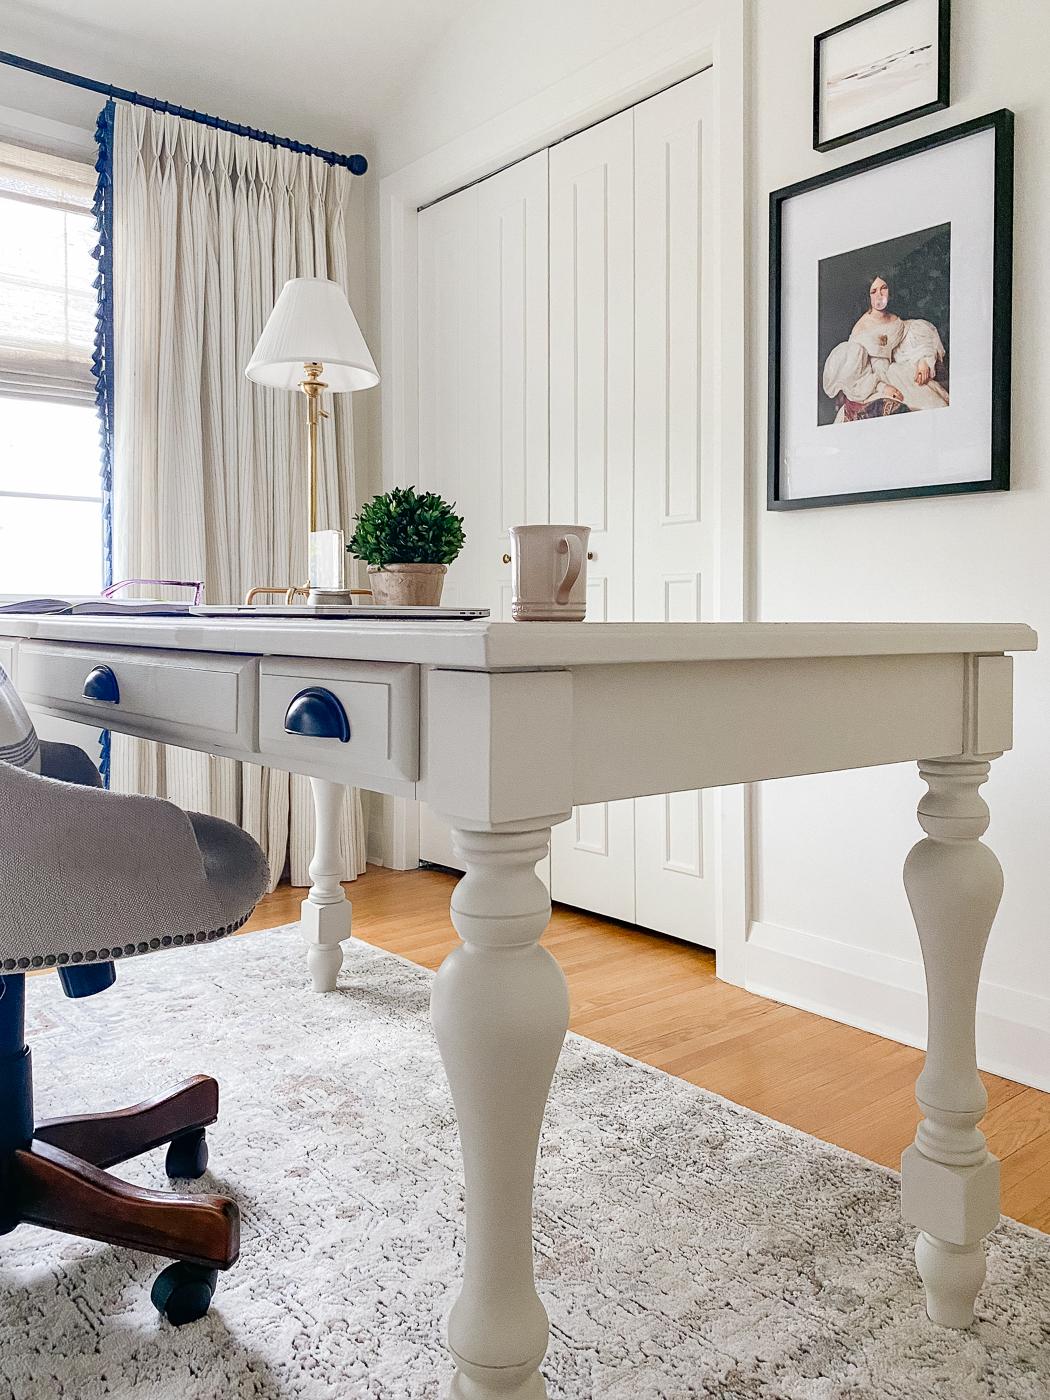 jolie paints gesso white and swedish grey, jolie paints low lustre varnish